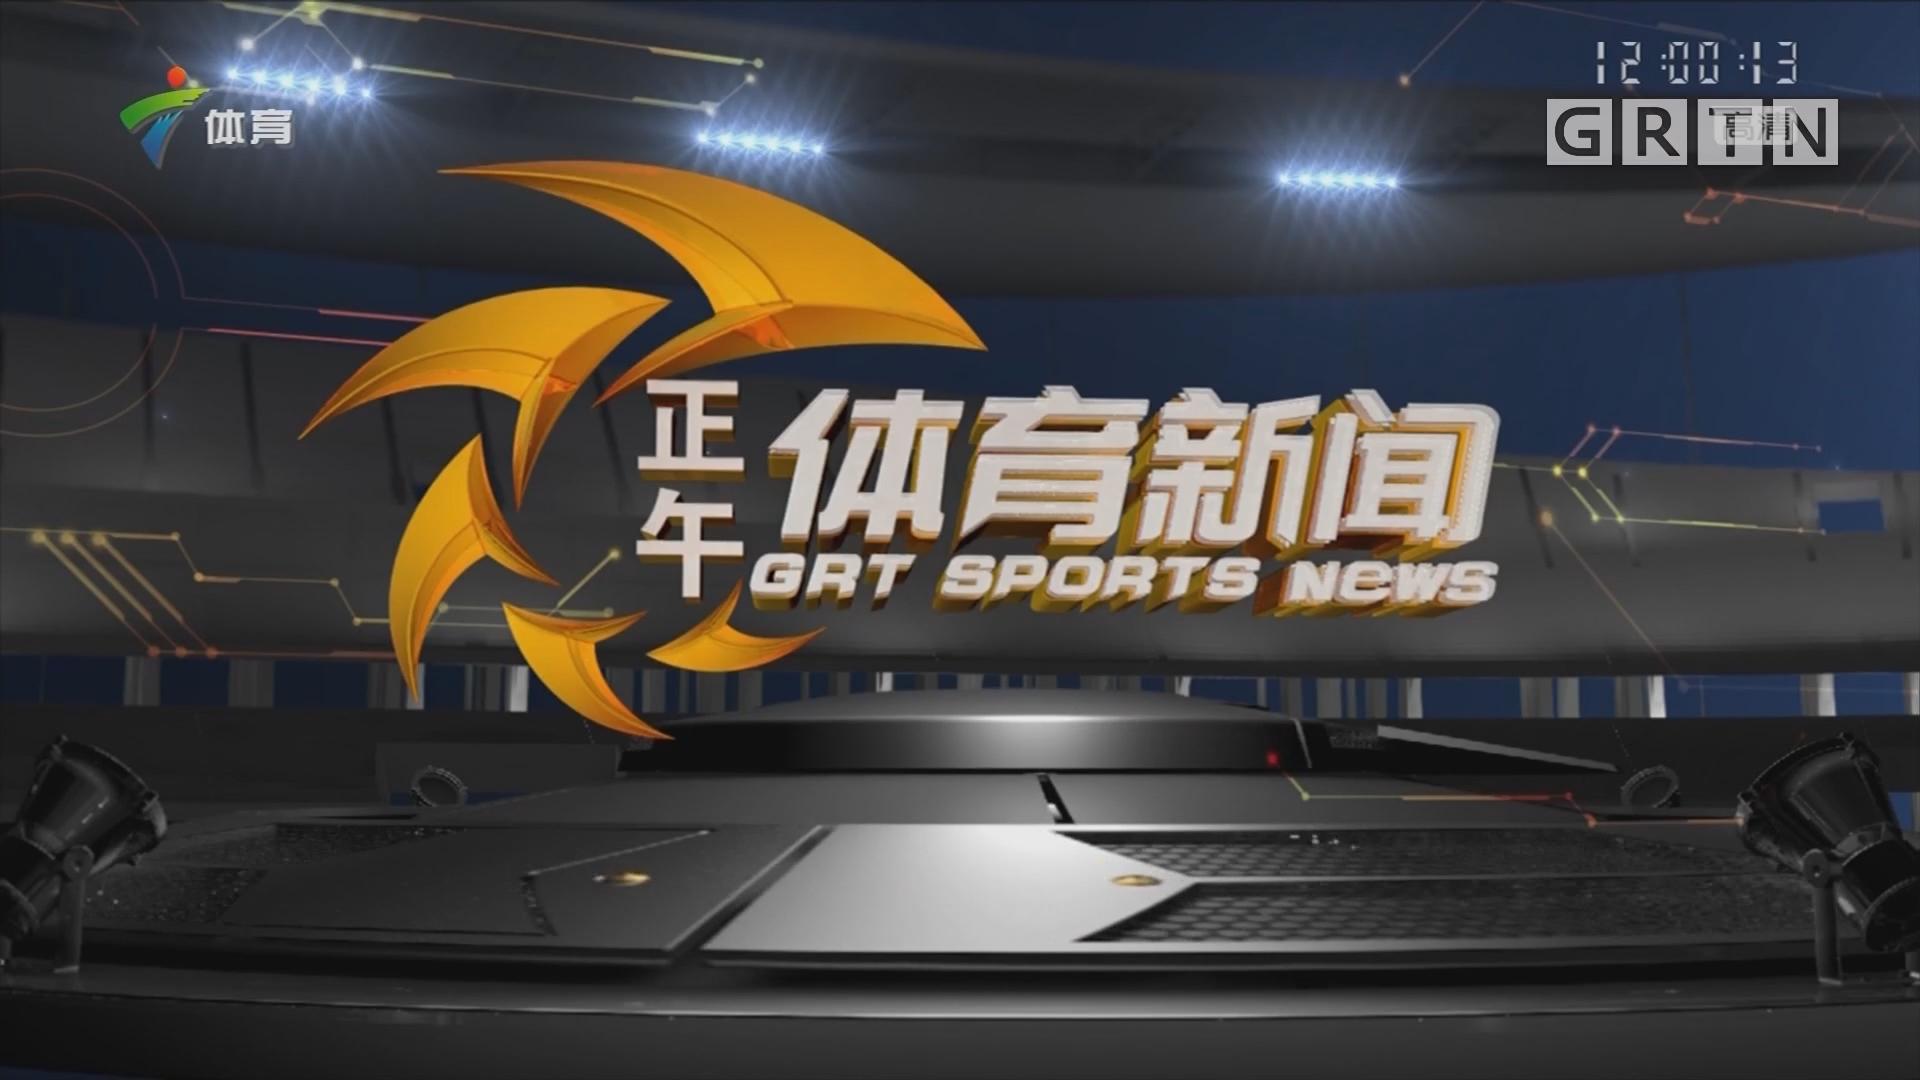 [HD][2018-11-08]正午体育新闻:扎哈维进球 广州富力主场击败华夏幸福